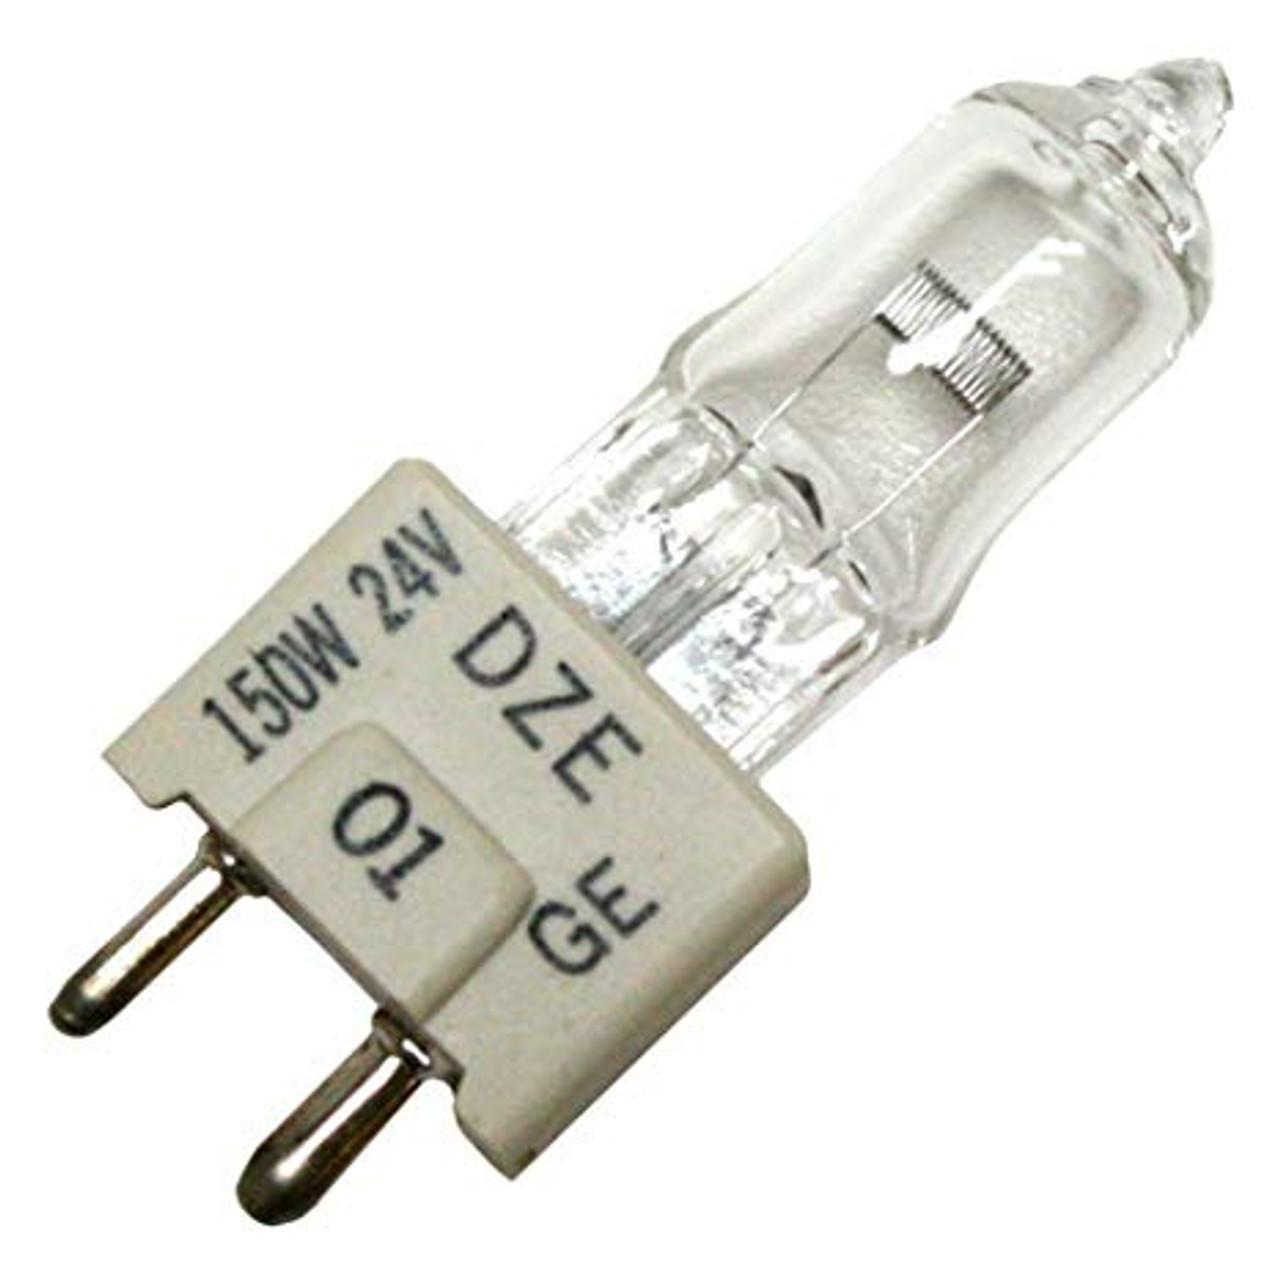 Ritter - #141160 - Dental - Replacement Bulb Model- FDS/DZE